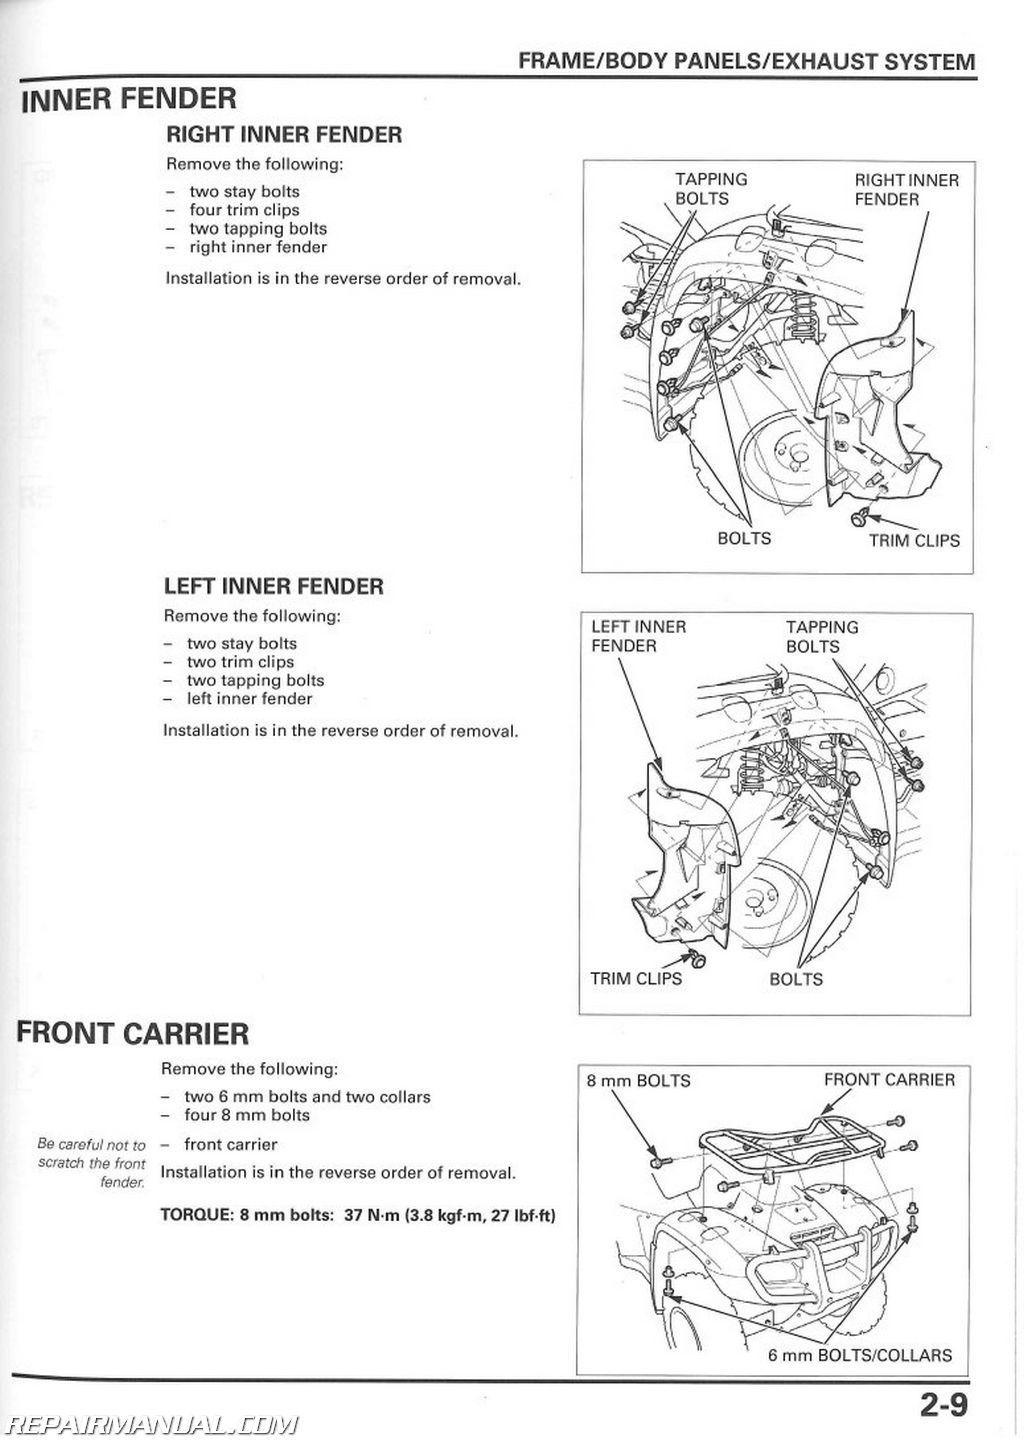 Honda Trx 420 Wiring Diagram Honda Trx500fa Fga Fourtrax Foreman Rubicon Gpscape Atv